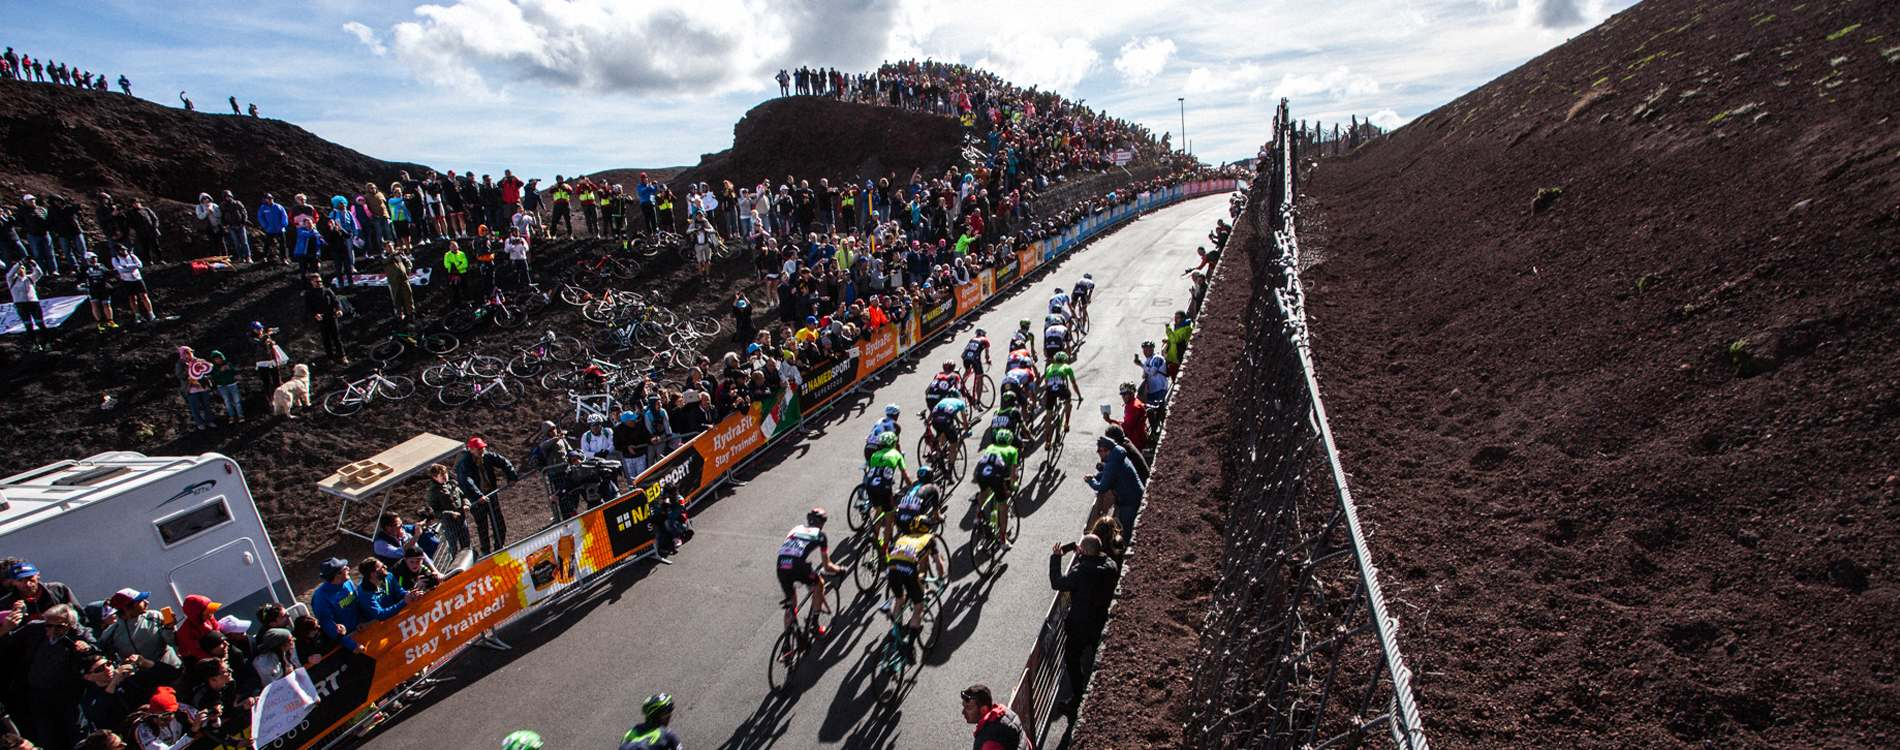 Tutto il merchandising del Giro d'Italia 2017!